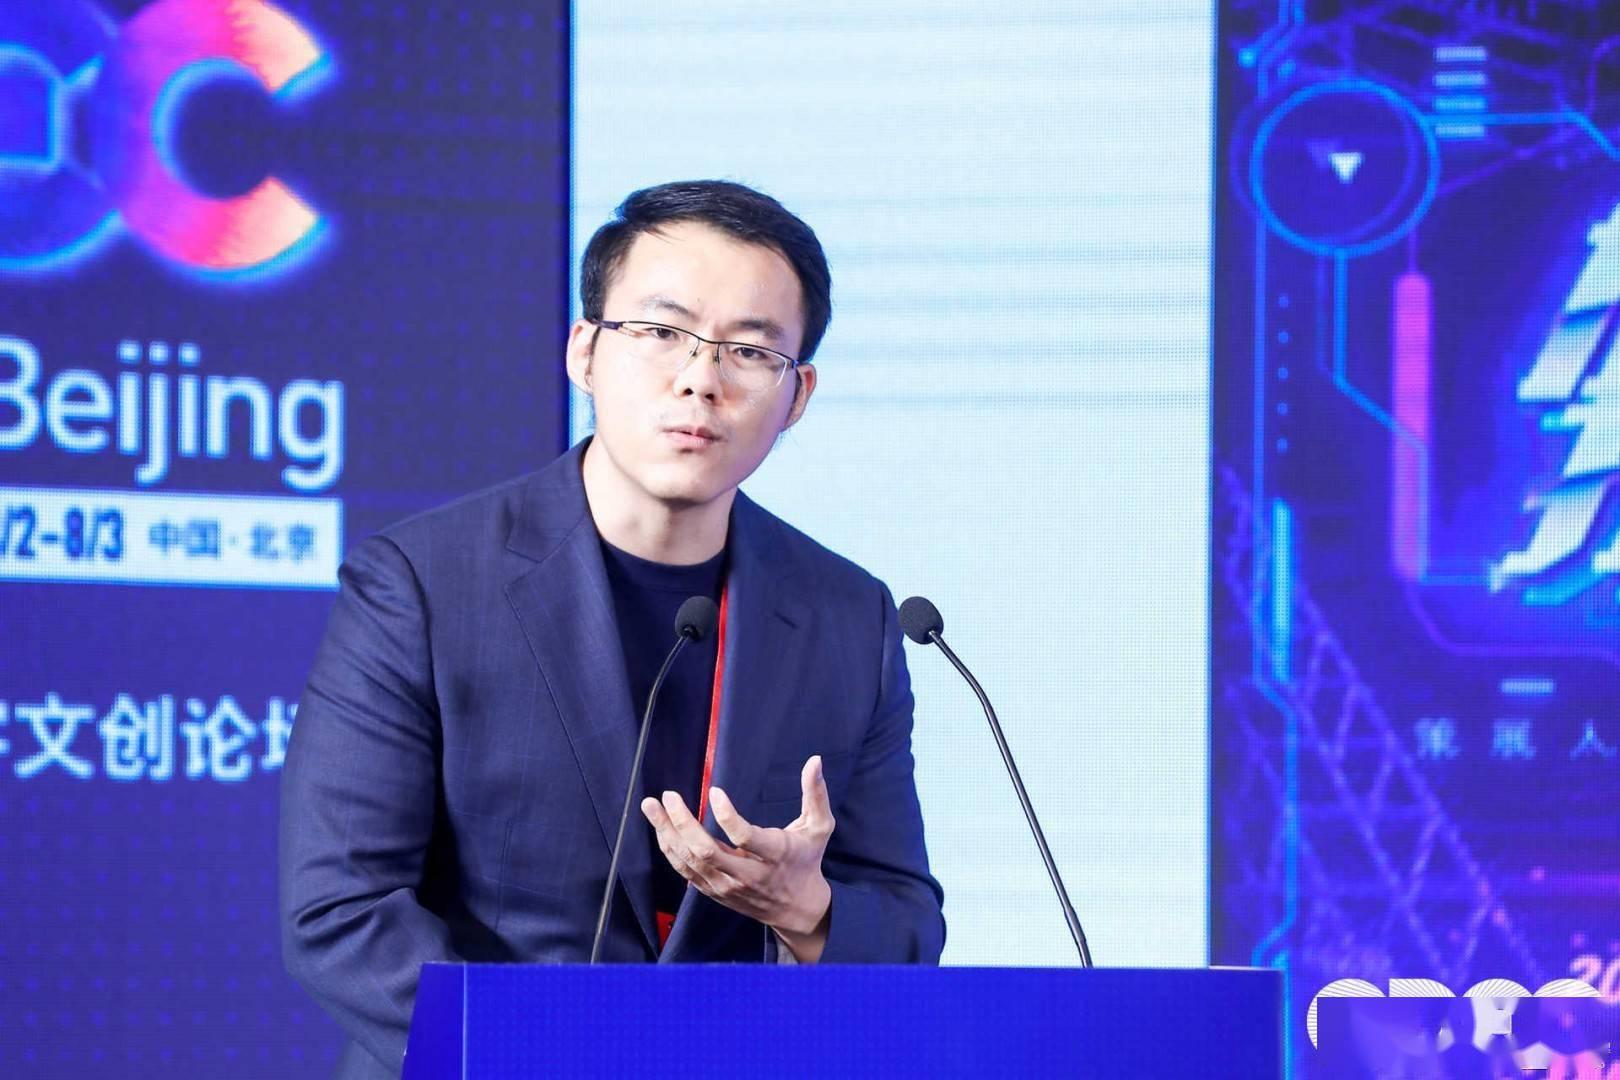 """钛媒体、链得得""""赛博北京•数字艺术节""""于2021全球数字经济大会重磅发布  第2张 钛媒体、链得得""""赛博北京•数字艺术节""""于2021全球数字经济大会重磅发布 币圈信息"""